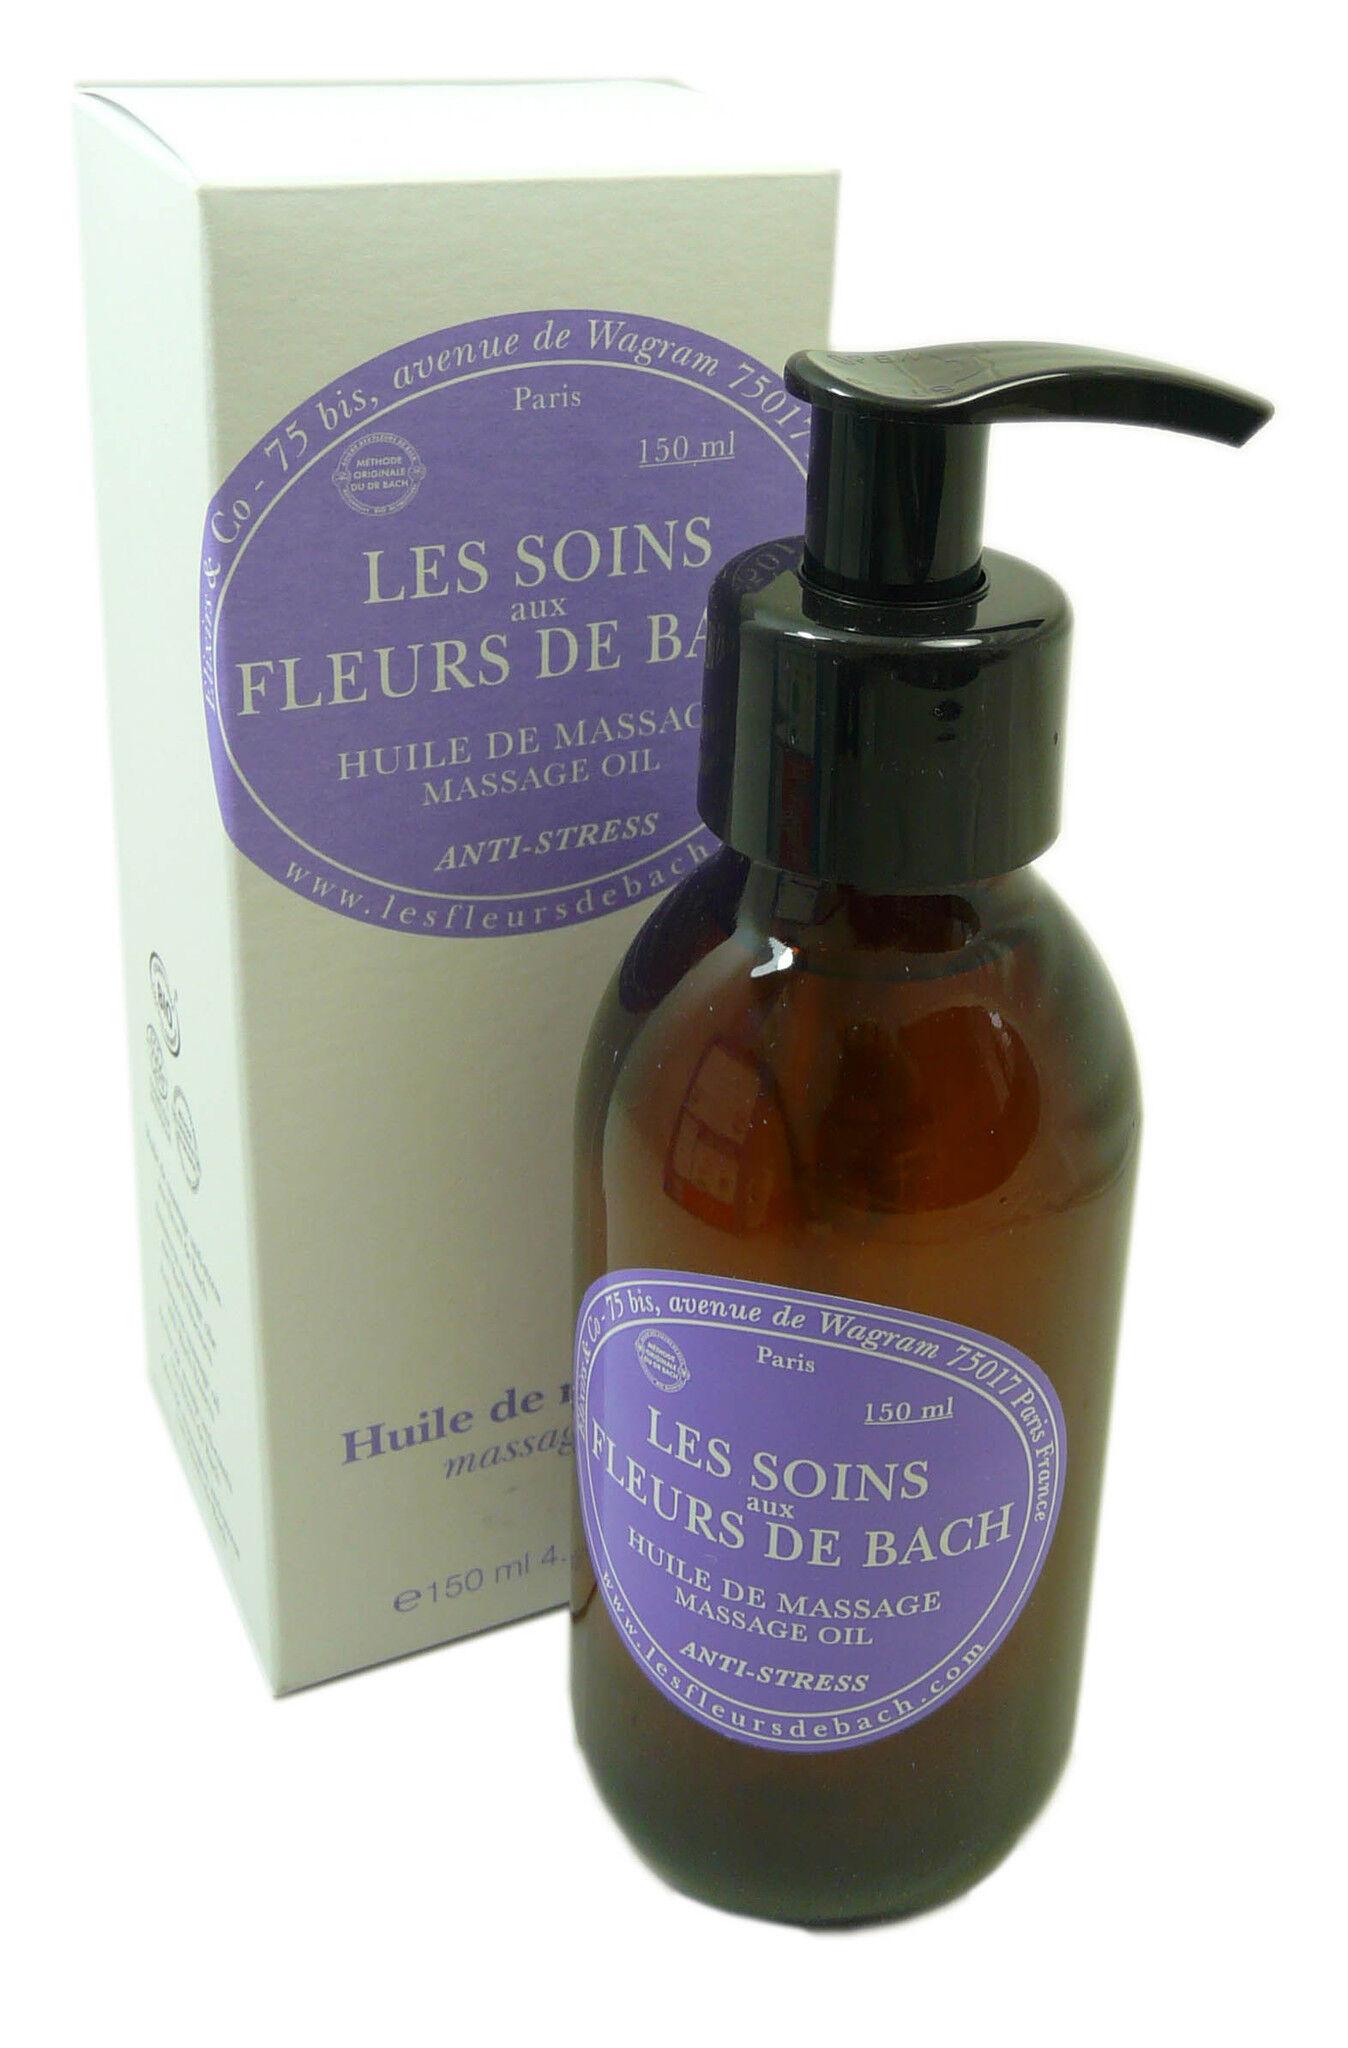 ELIXIRS & CO Fleurs de bach huile de massage 150ml